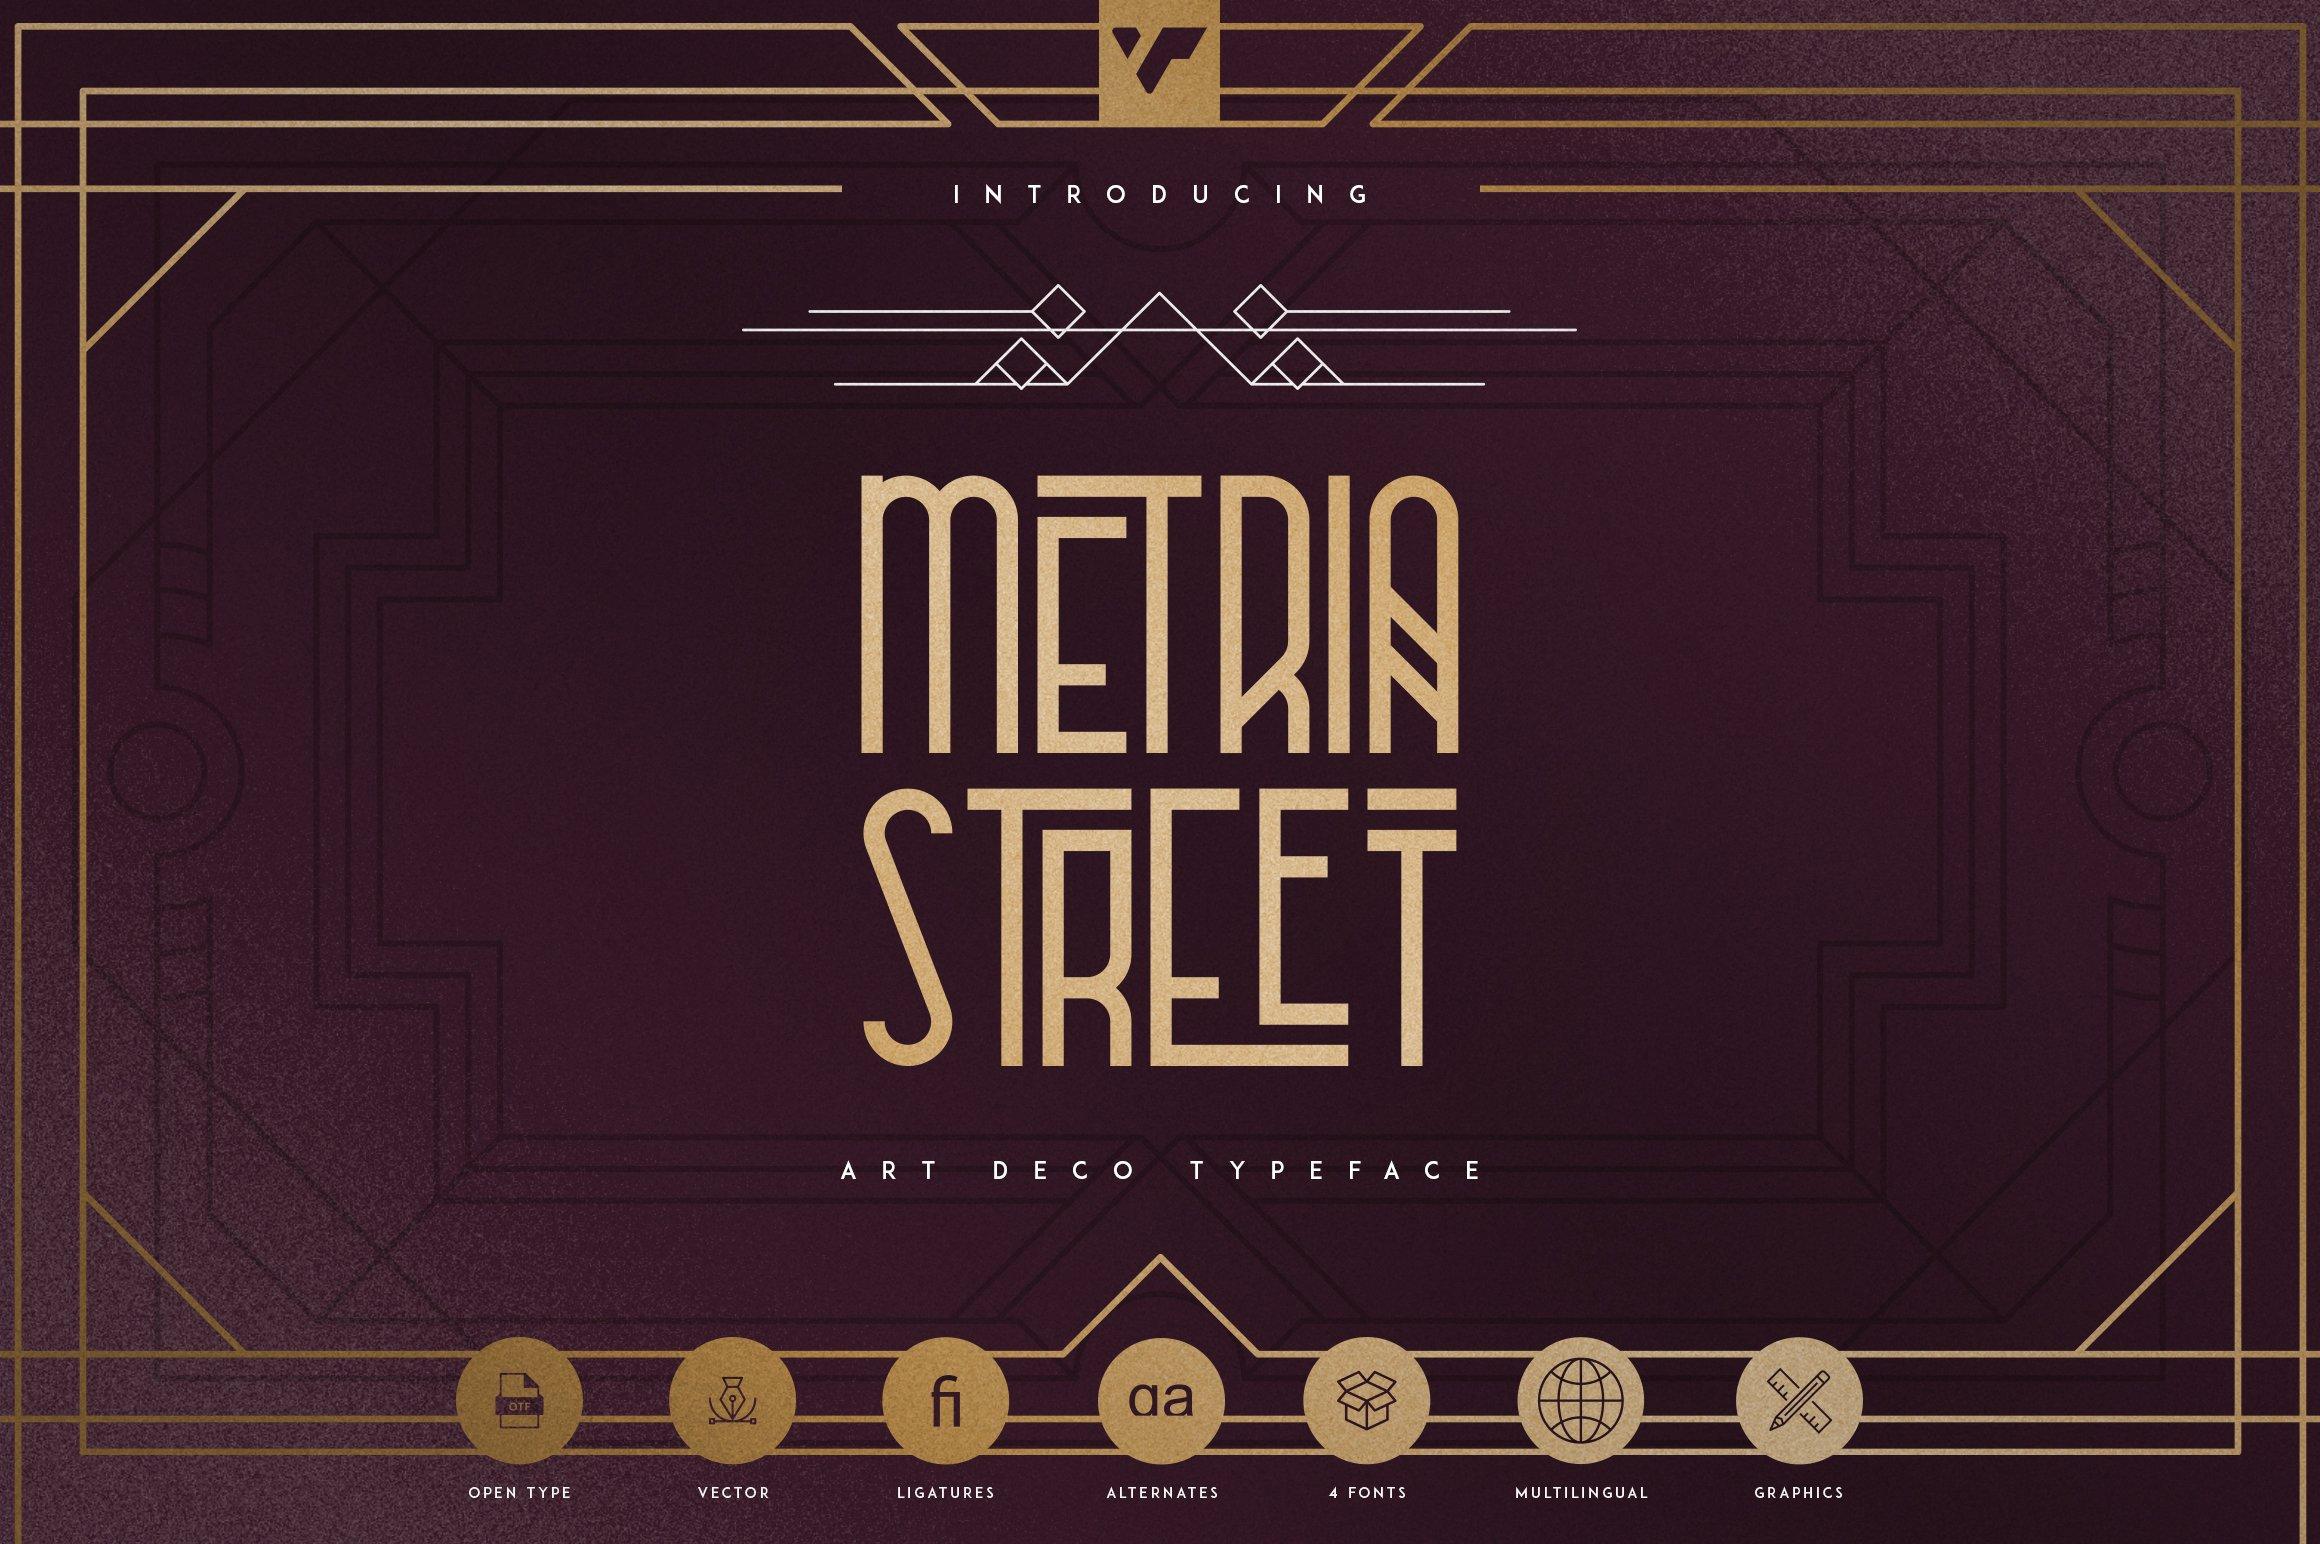 Metria Street - Art Deco Typeface example image 1